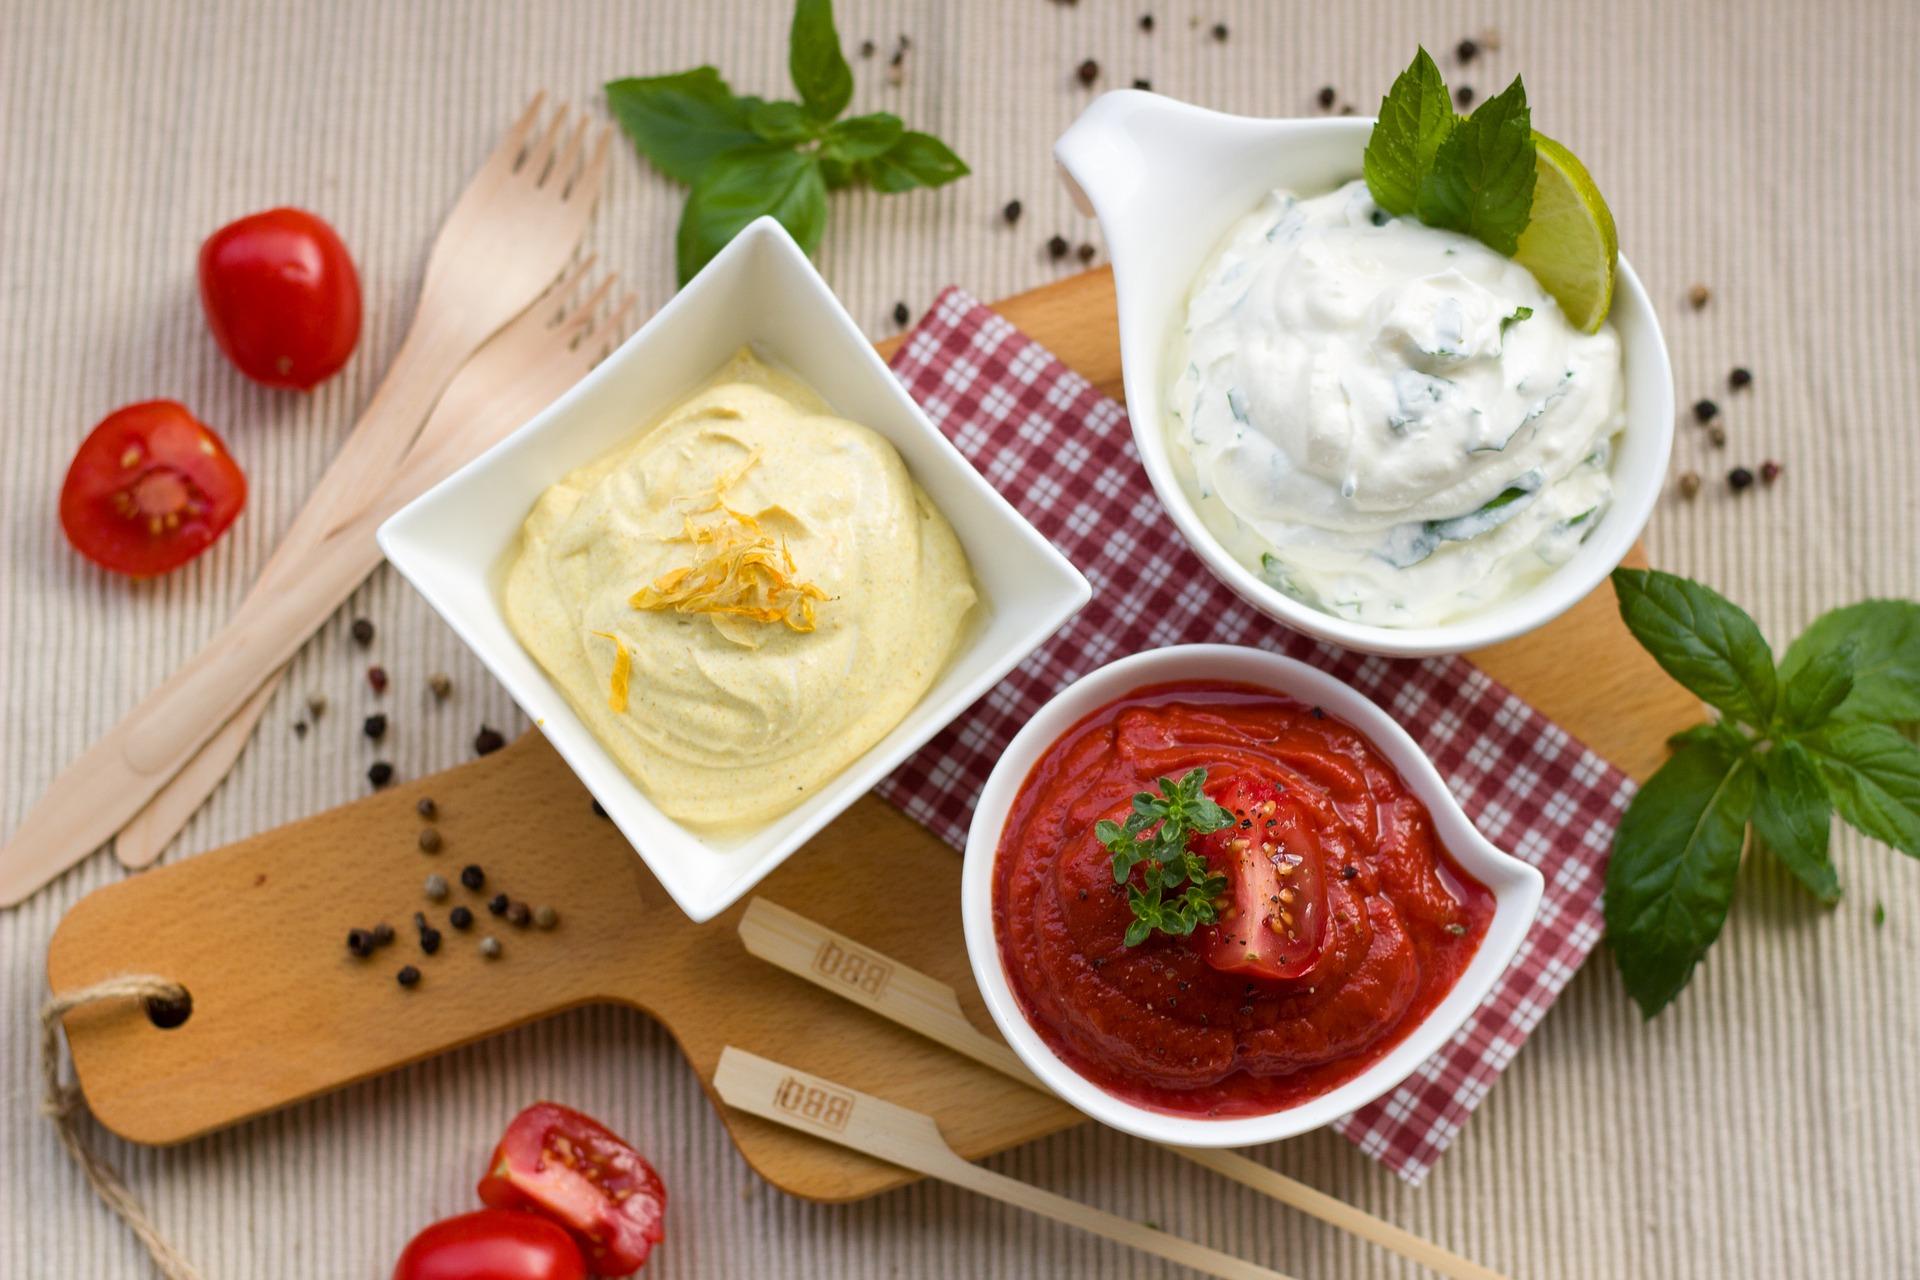 Топ 5 соусов для ресторана, которые легко повторить дома.